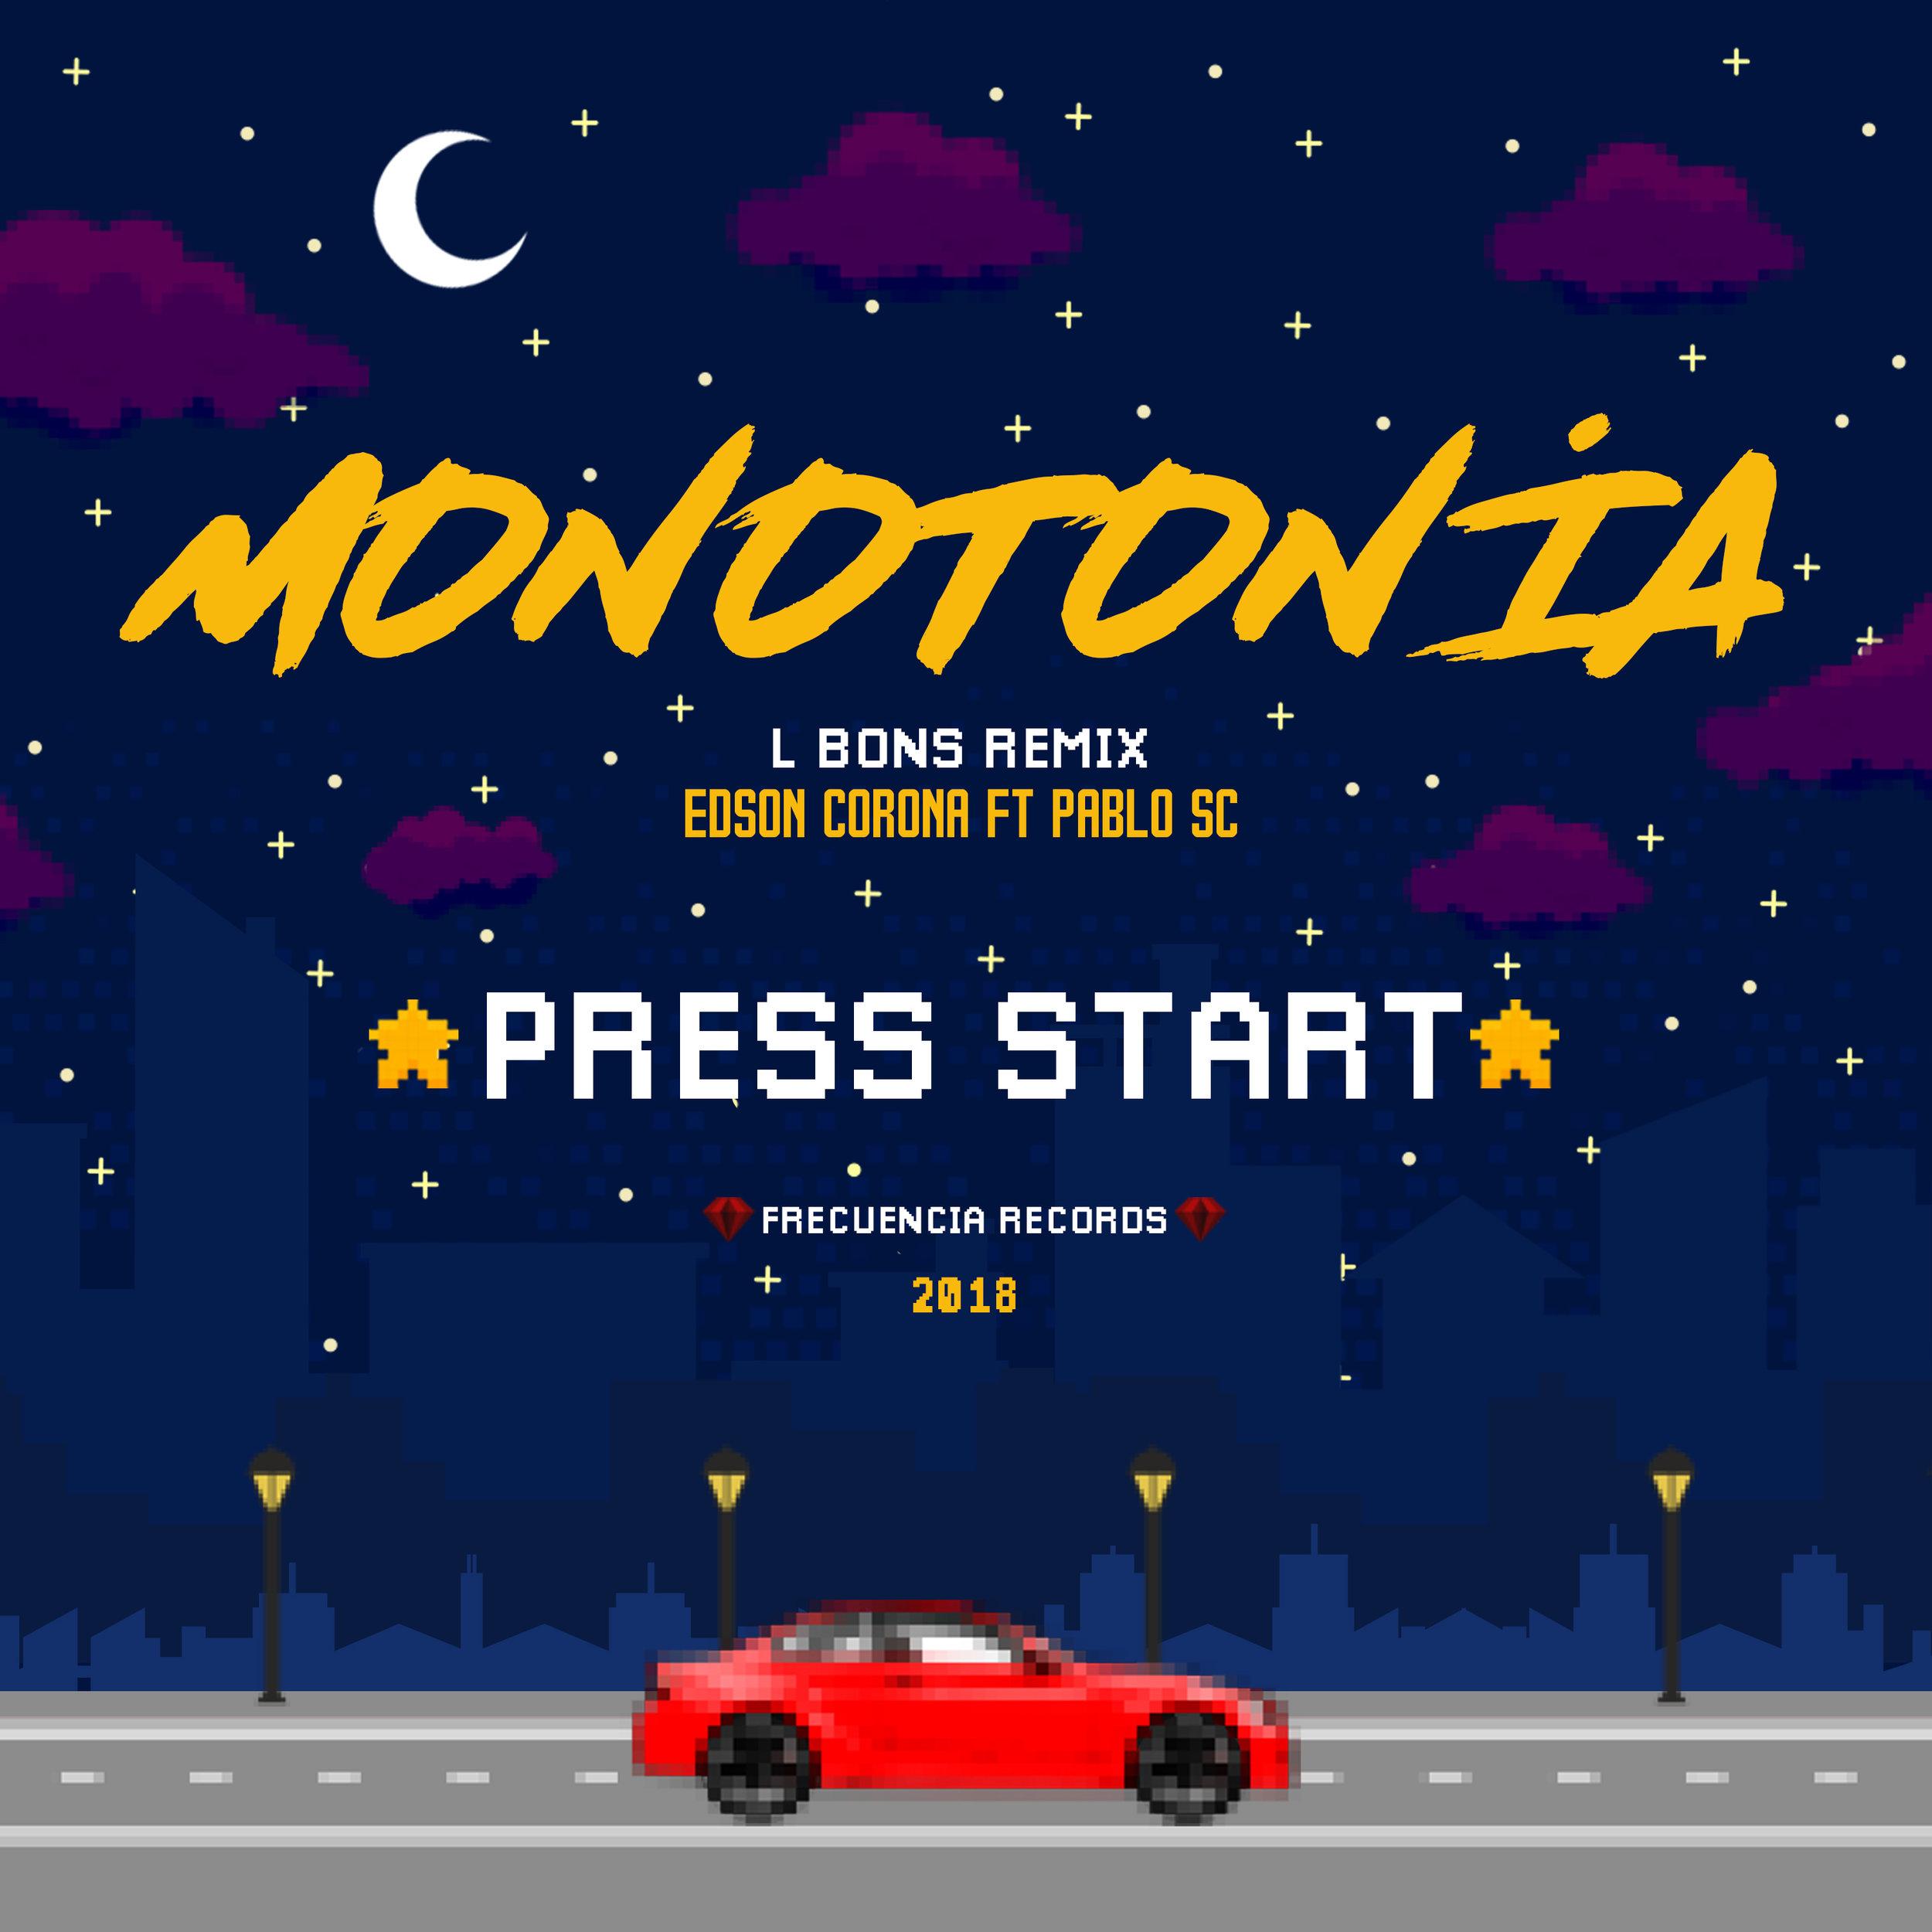 Monotonía-remix spotify.jpg